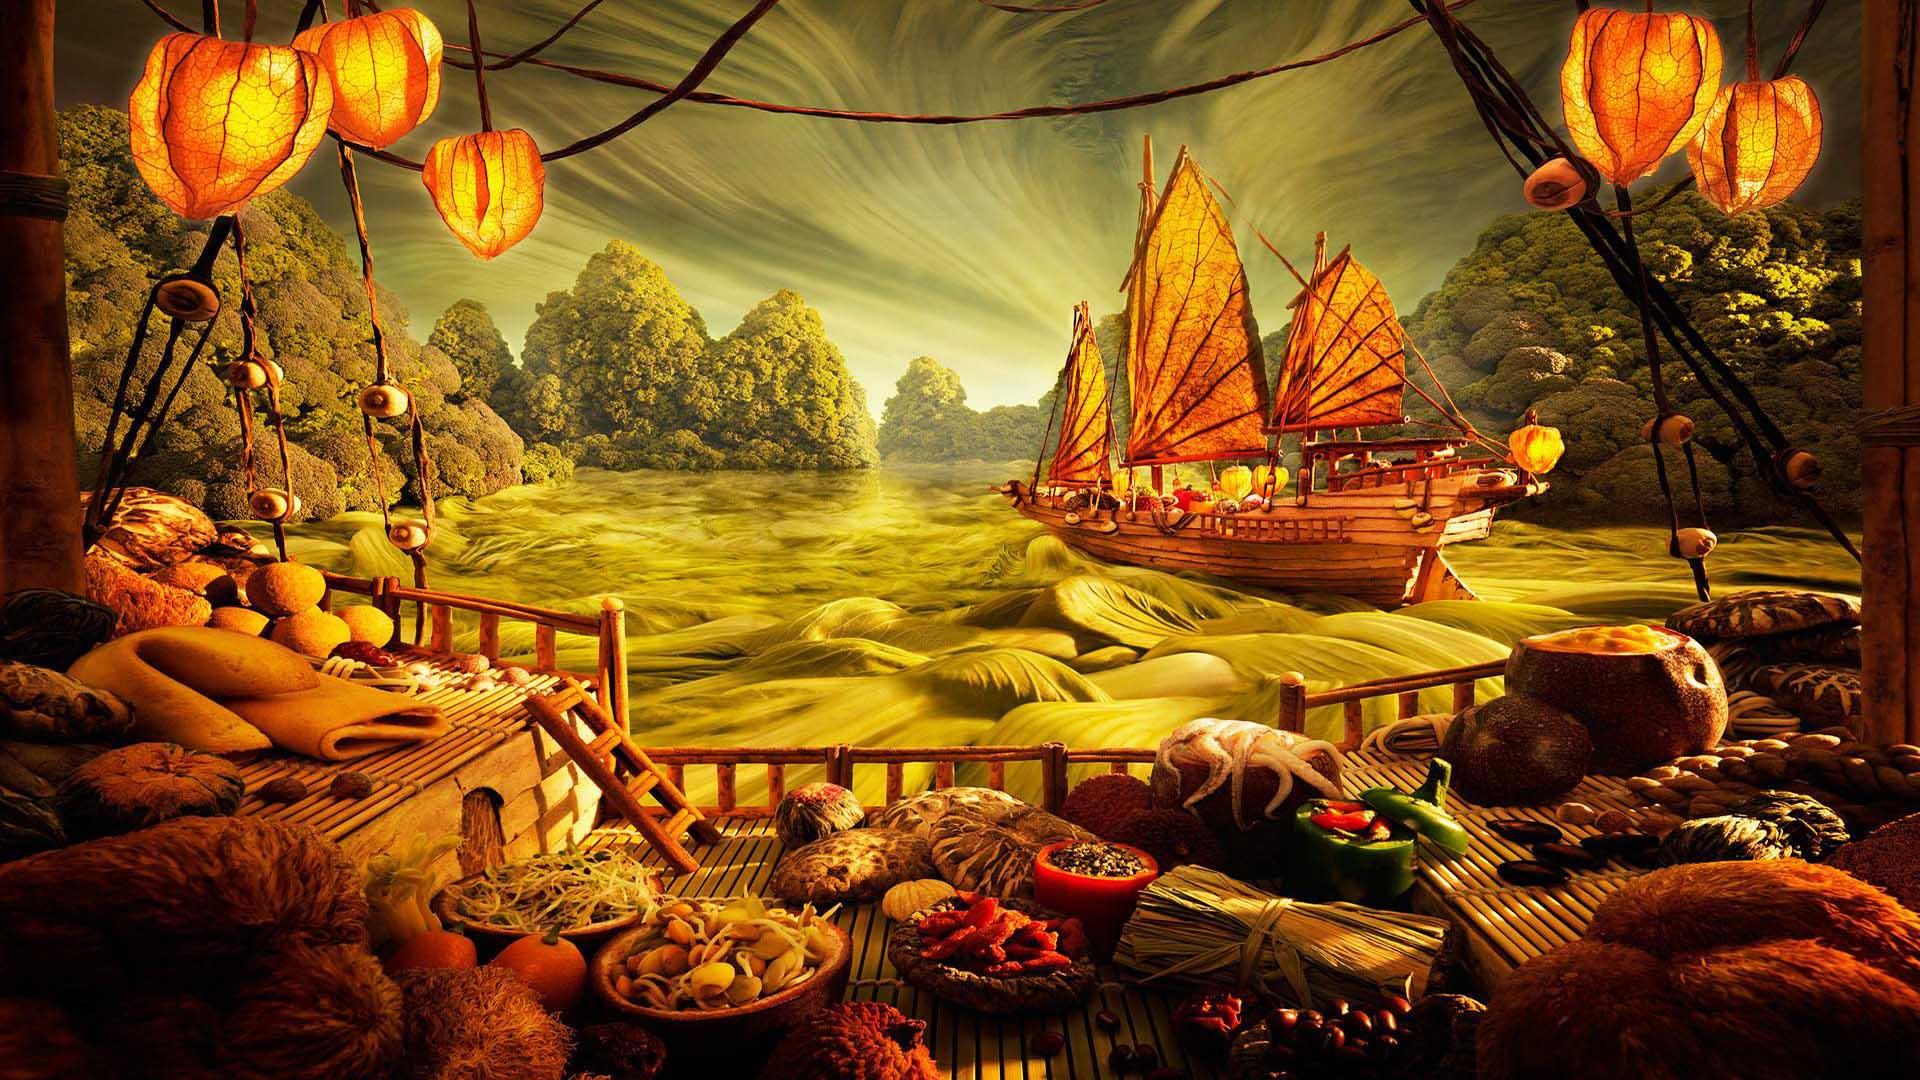 paesaggio olio wallpaper hd